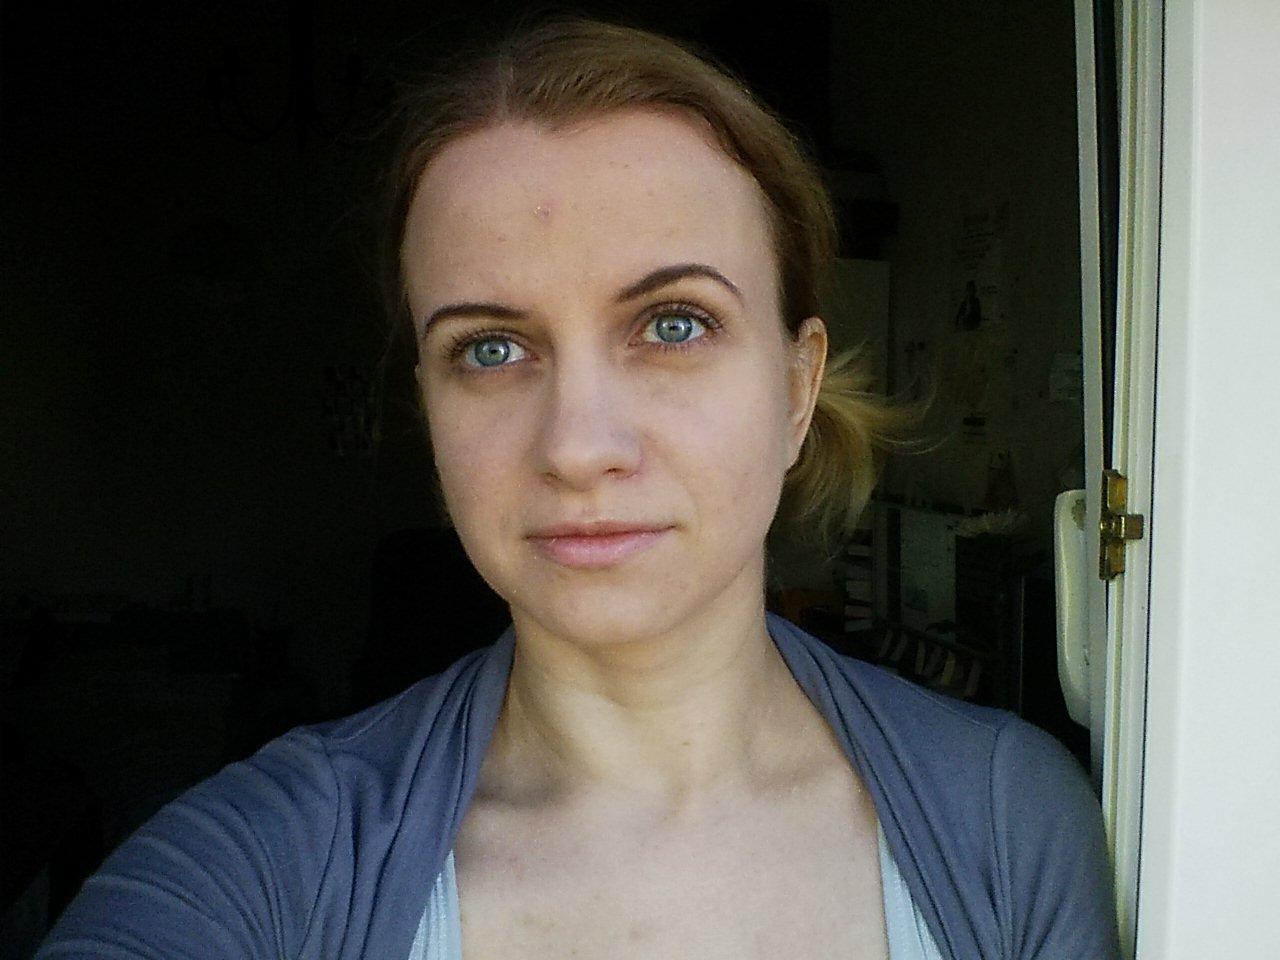 Привет, меня зовут Анастасия Шматкова, я новый главный редактор Roem.ru и готова ответить на ваши вопросы - 1